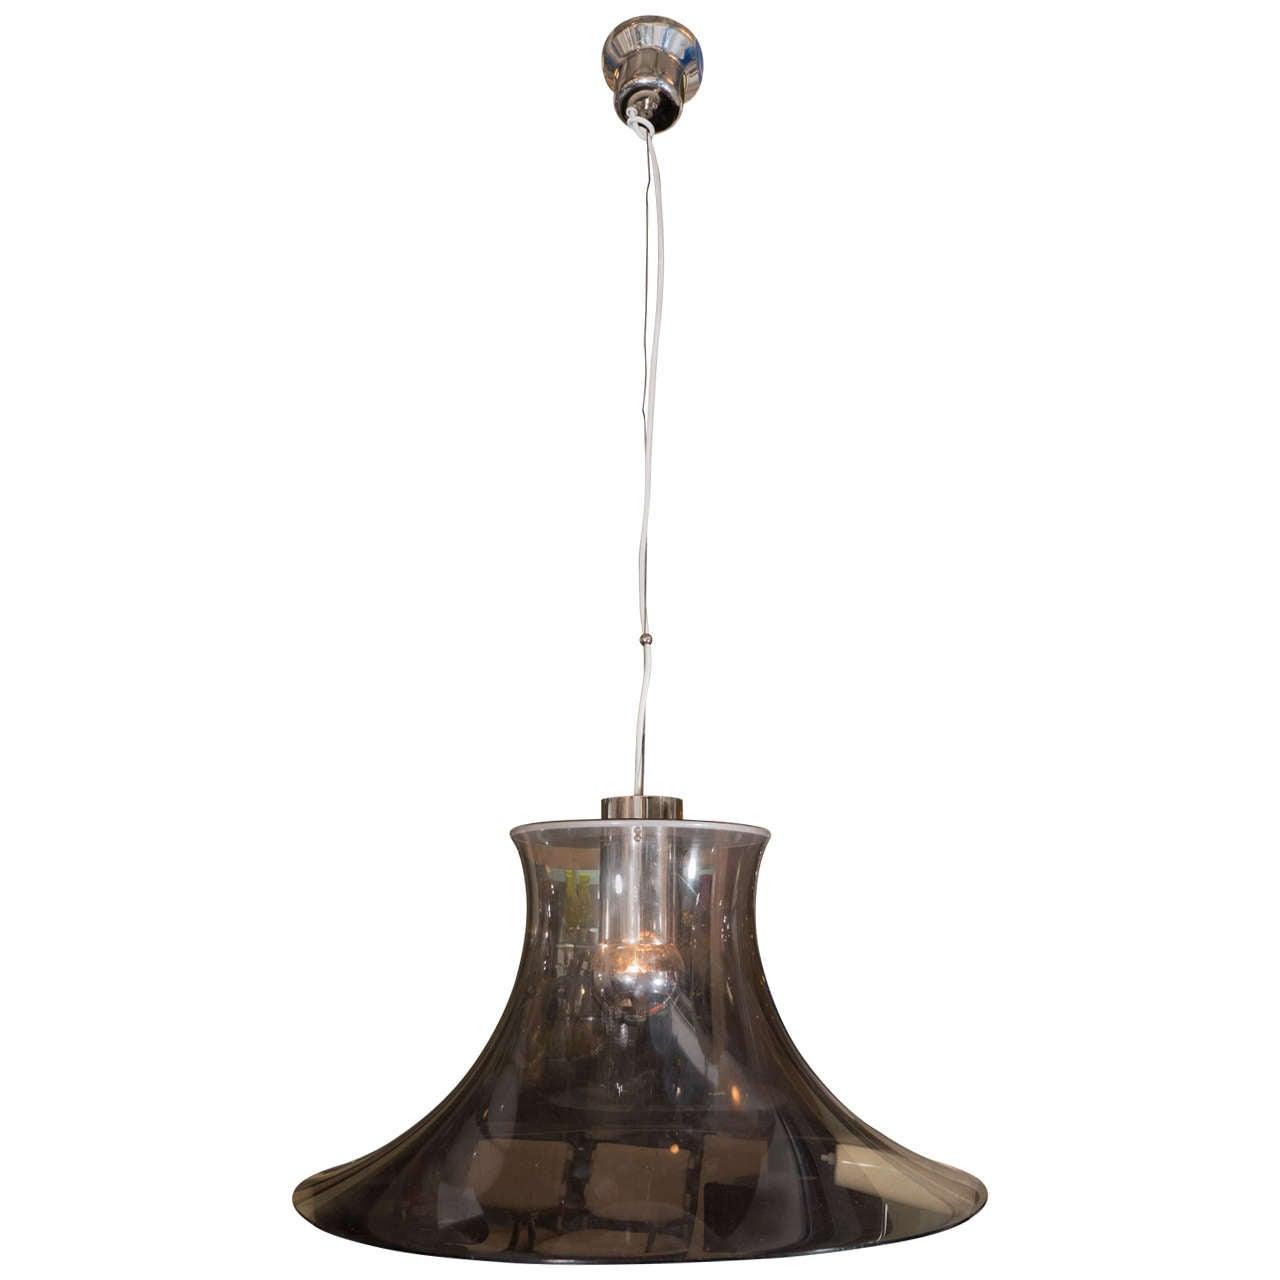 Italian 1970s Perspex Pendant Light